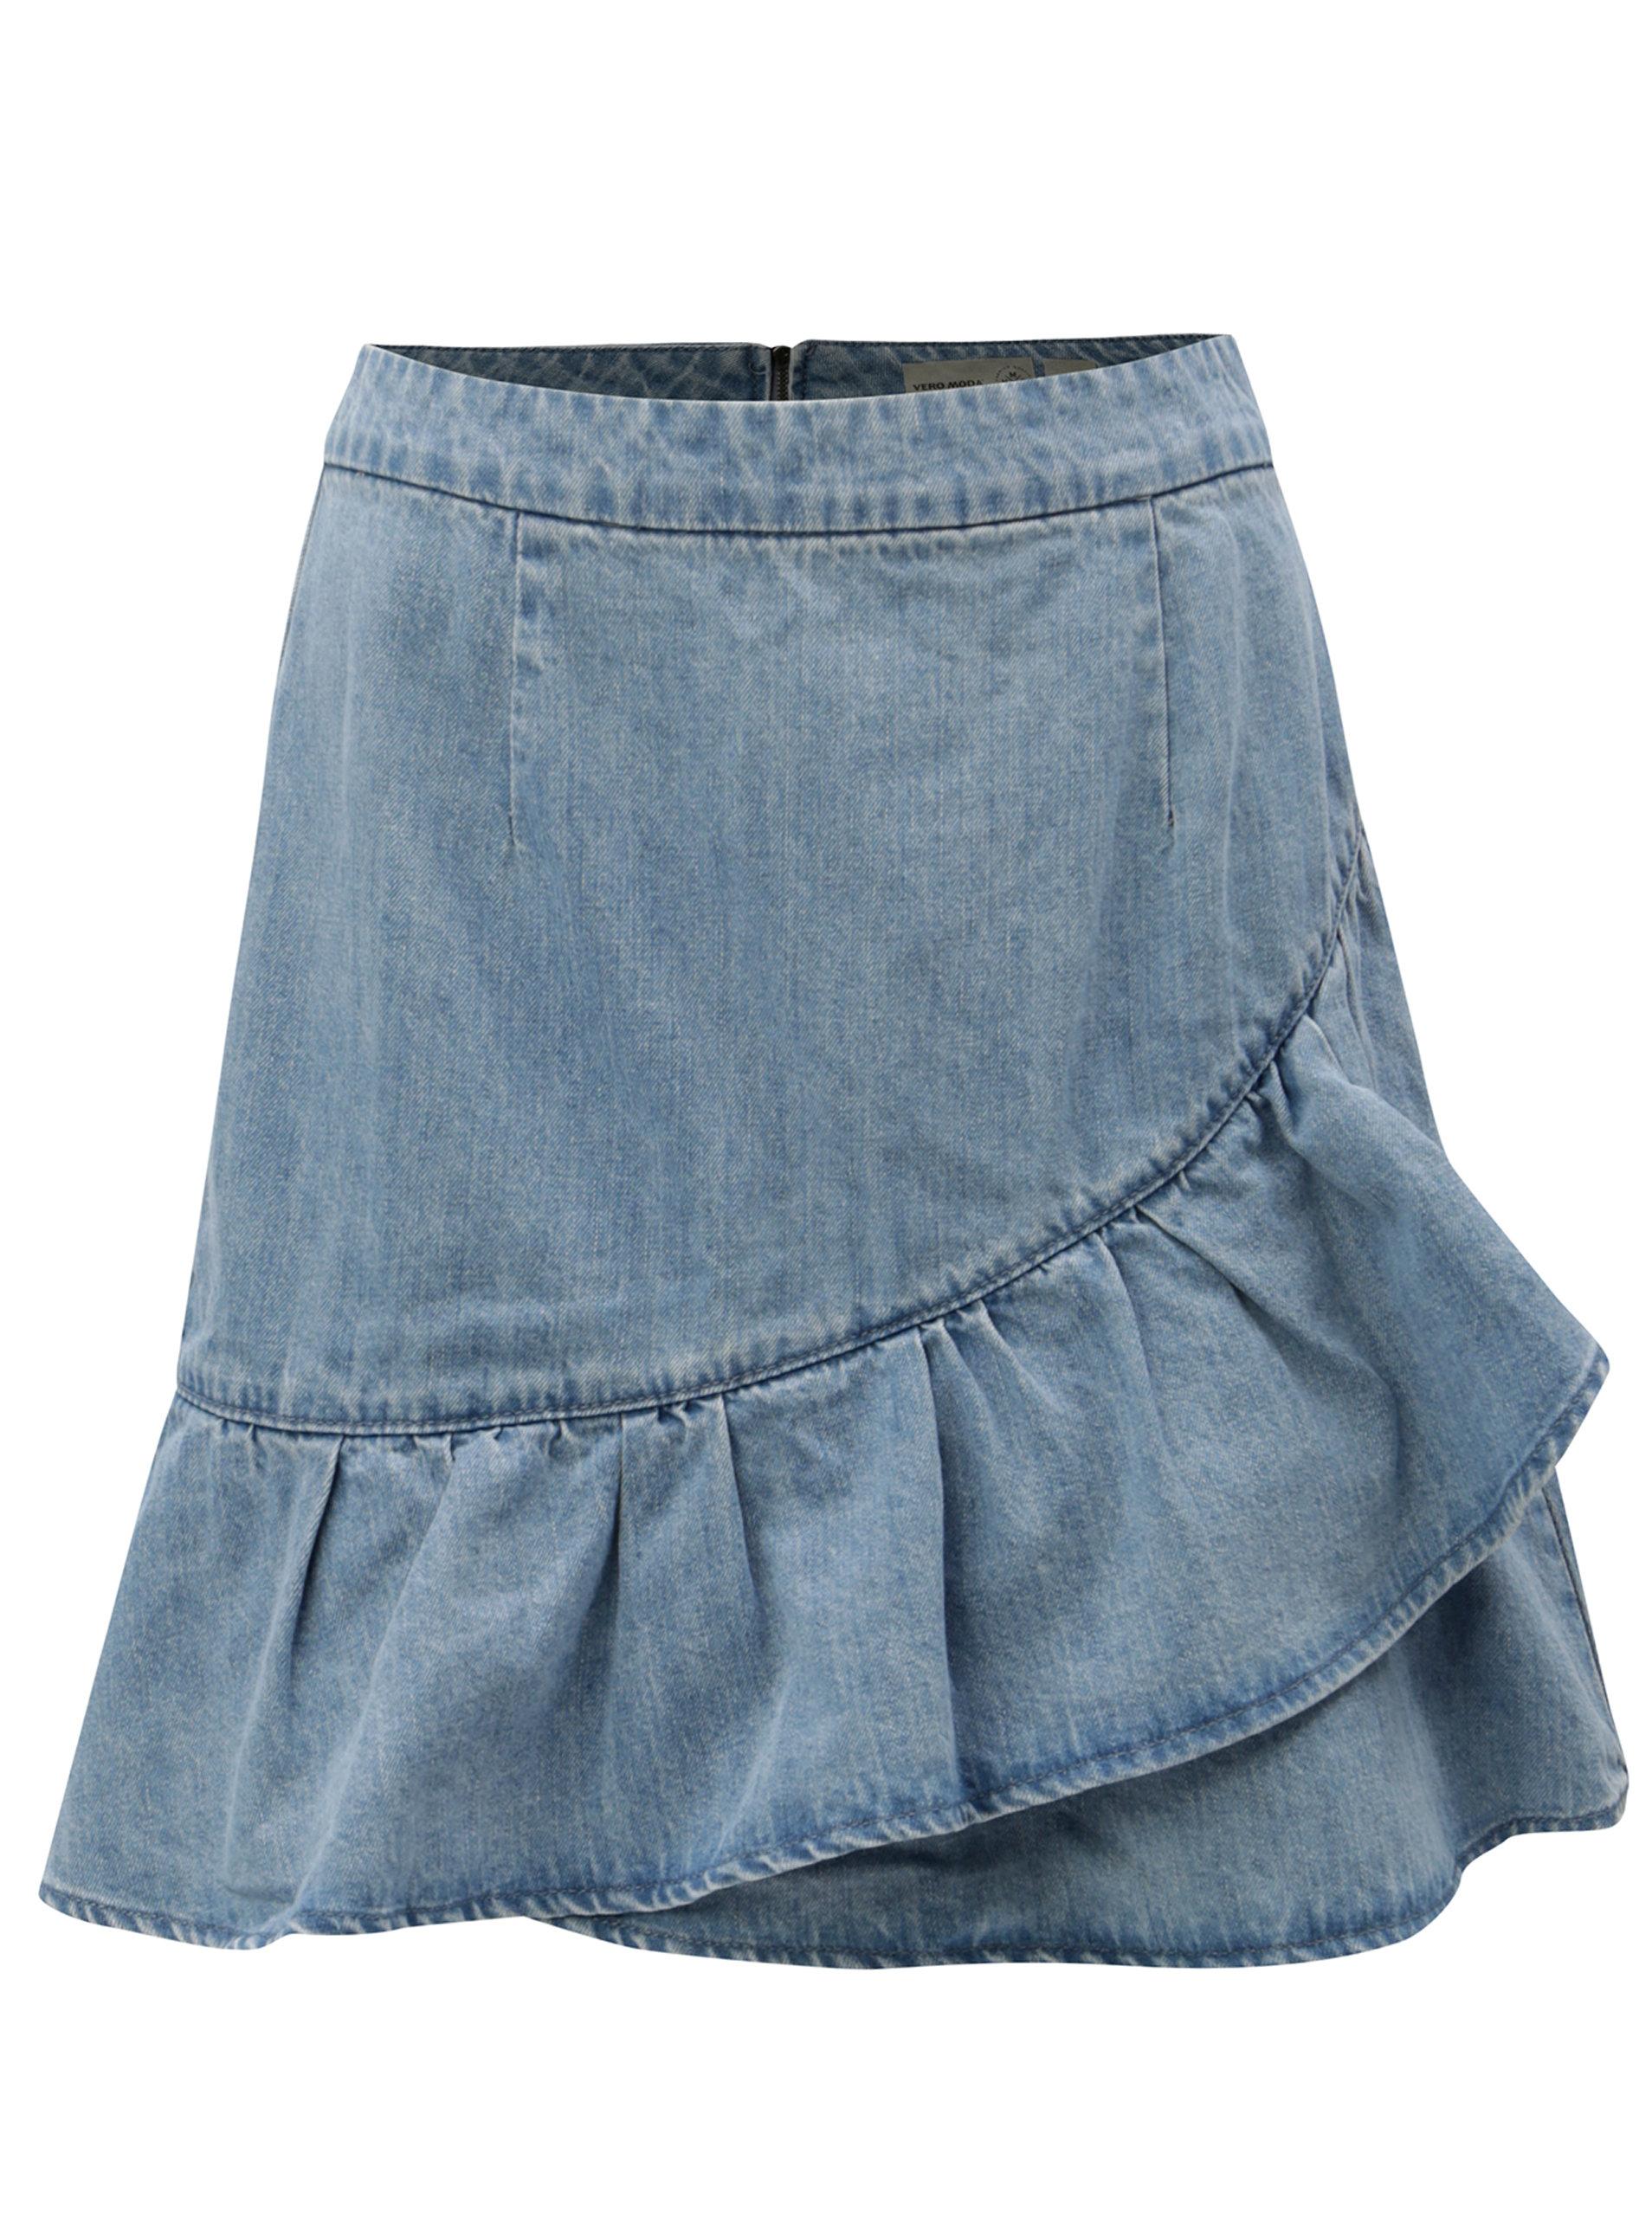 Světle modrá džínová sukně s volánem VERO MODA Penny ... 6ba2bcd667